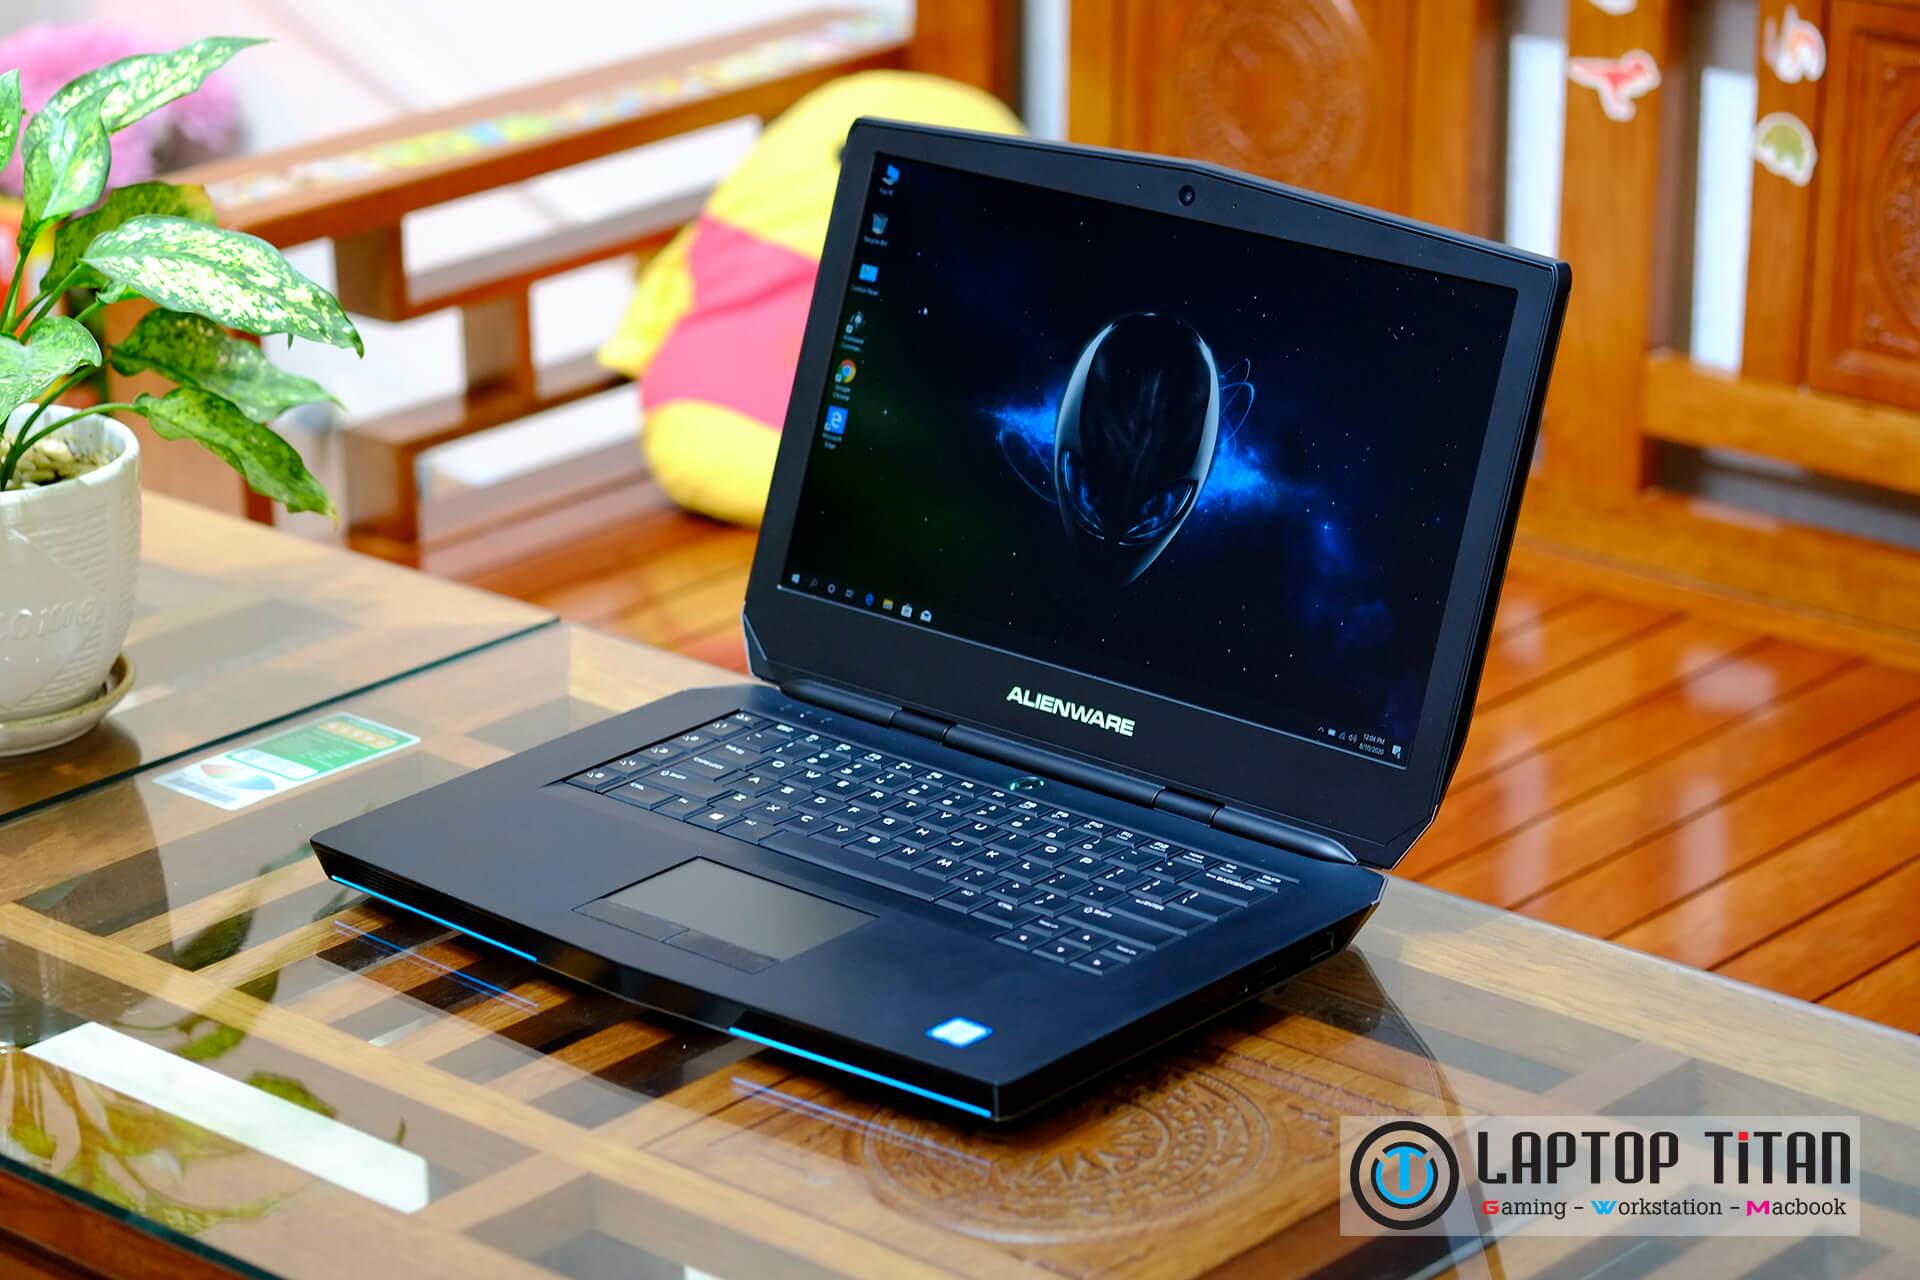 Dell-Alienware-15-R2-3